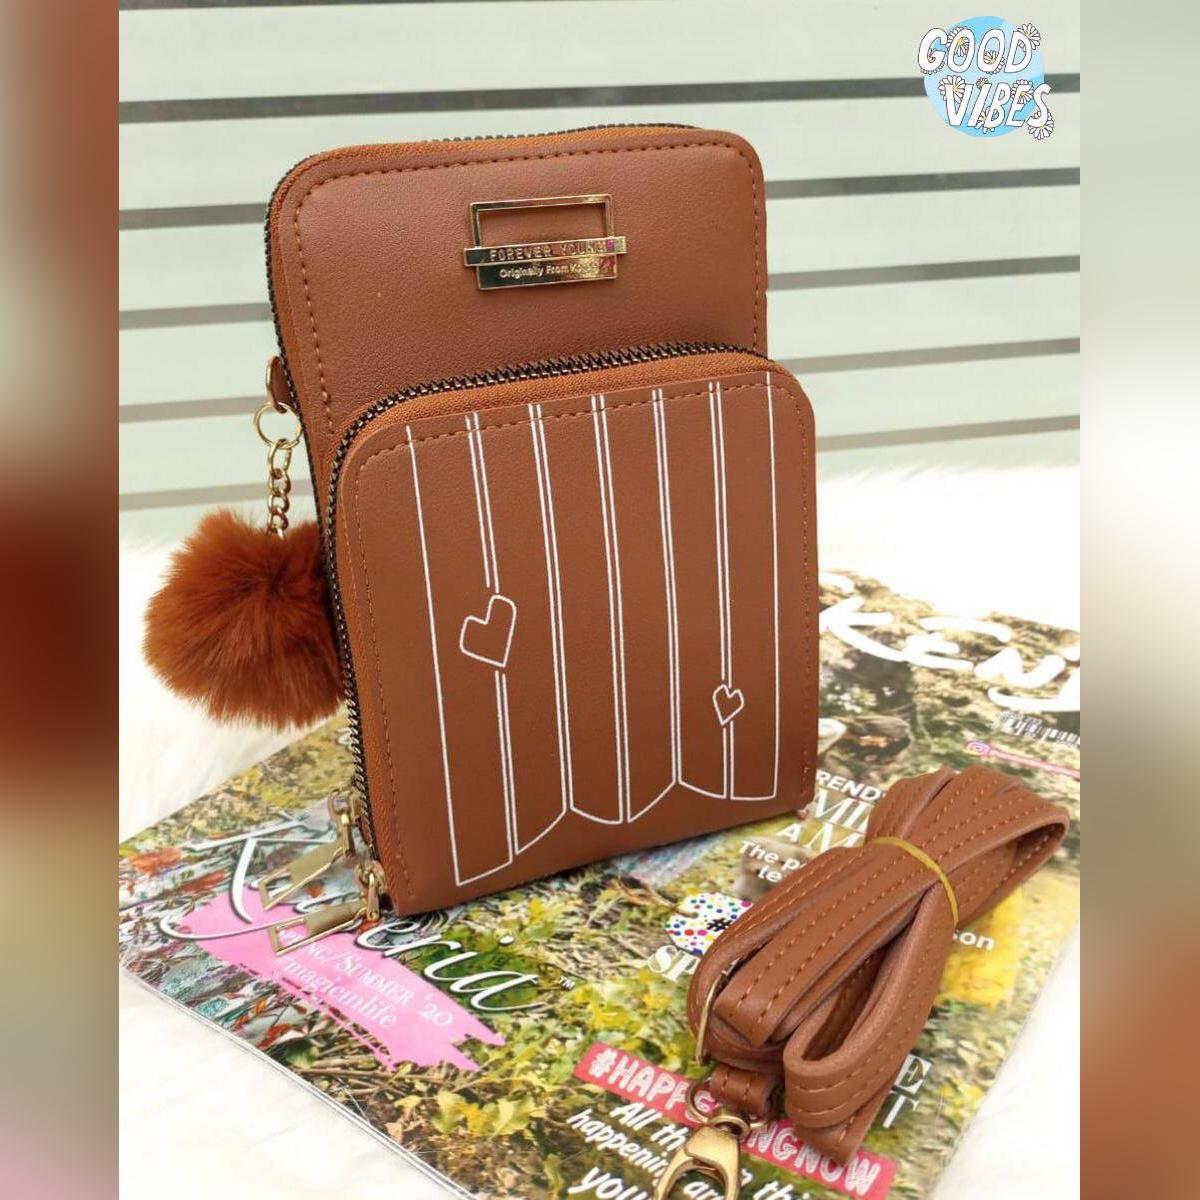 New Women Purses Solid Color Leather Shoulder Strap Bag Mobile Phone Big Card Holders Wallet Handbag Pockets for Girls